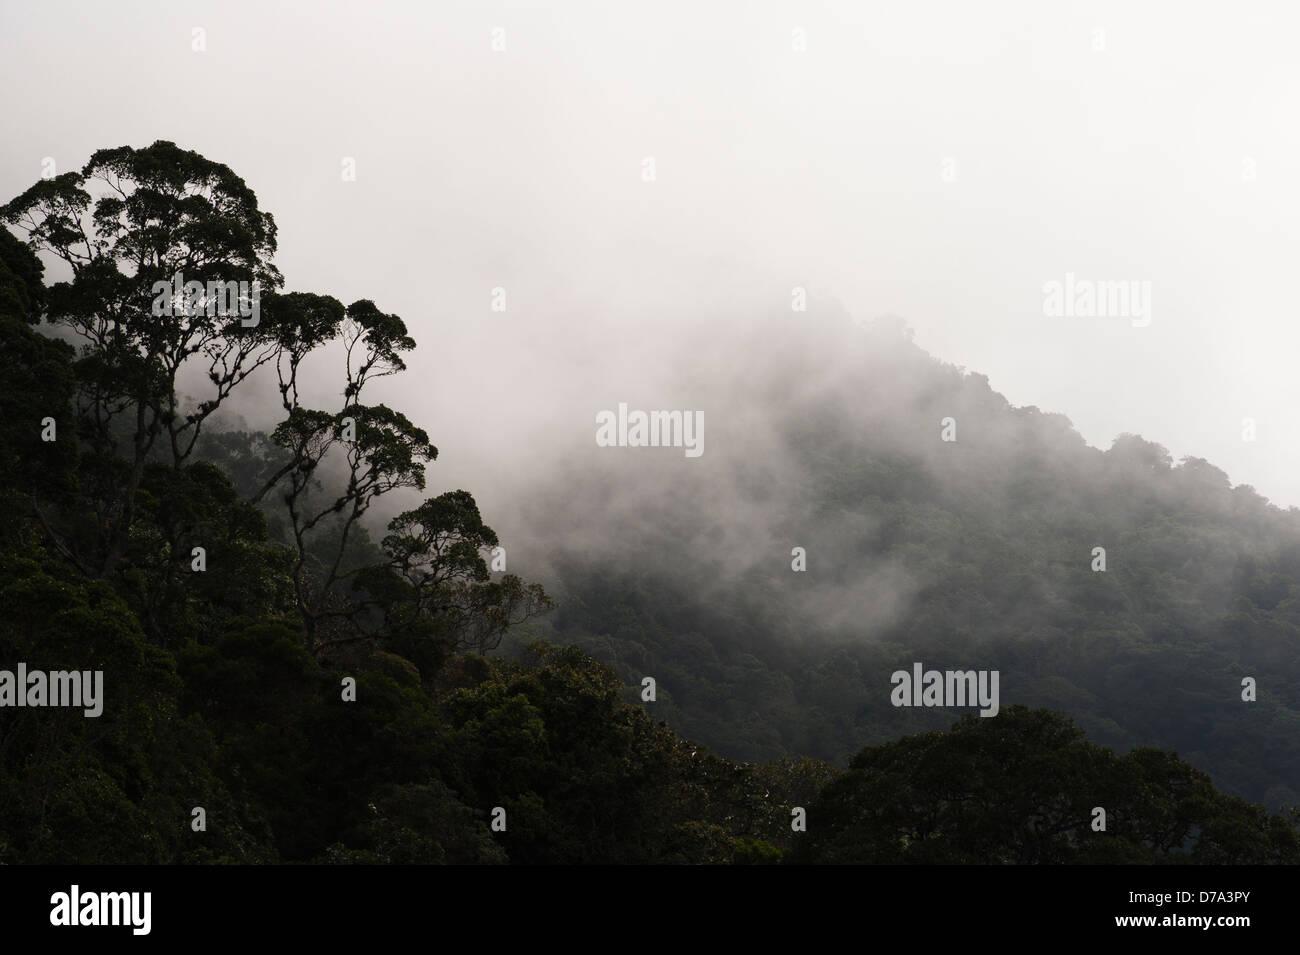 Colombie - Misty rain forest dans la Sierra Nevada de Santa Marta Photo Stock